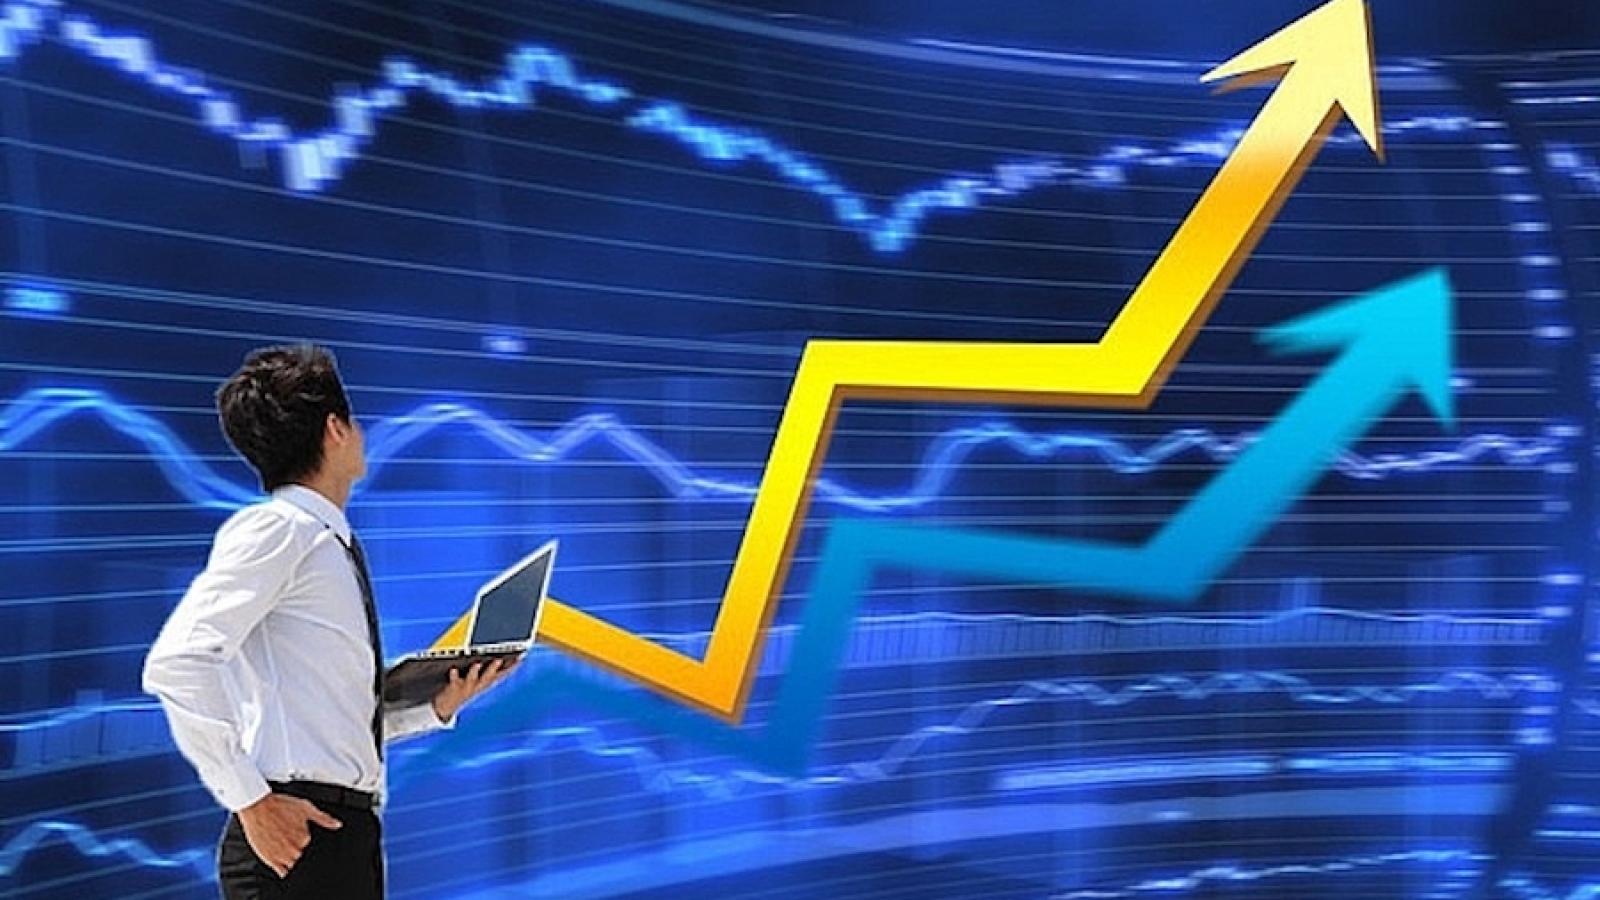 Thị trường chứng khoán cuối năm 2021: Còn nhiều cơ hội tốt